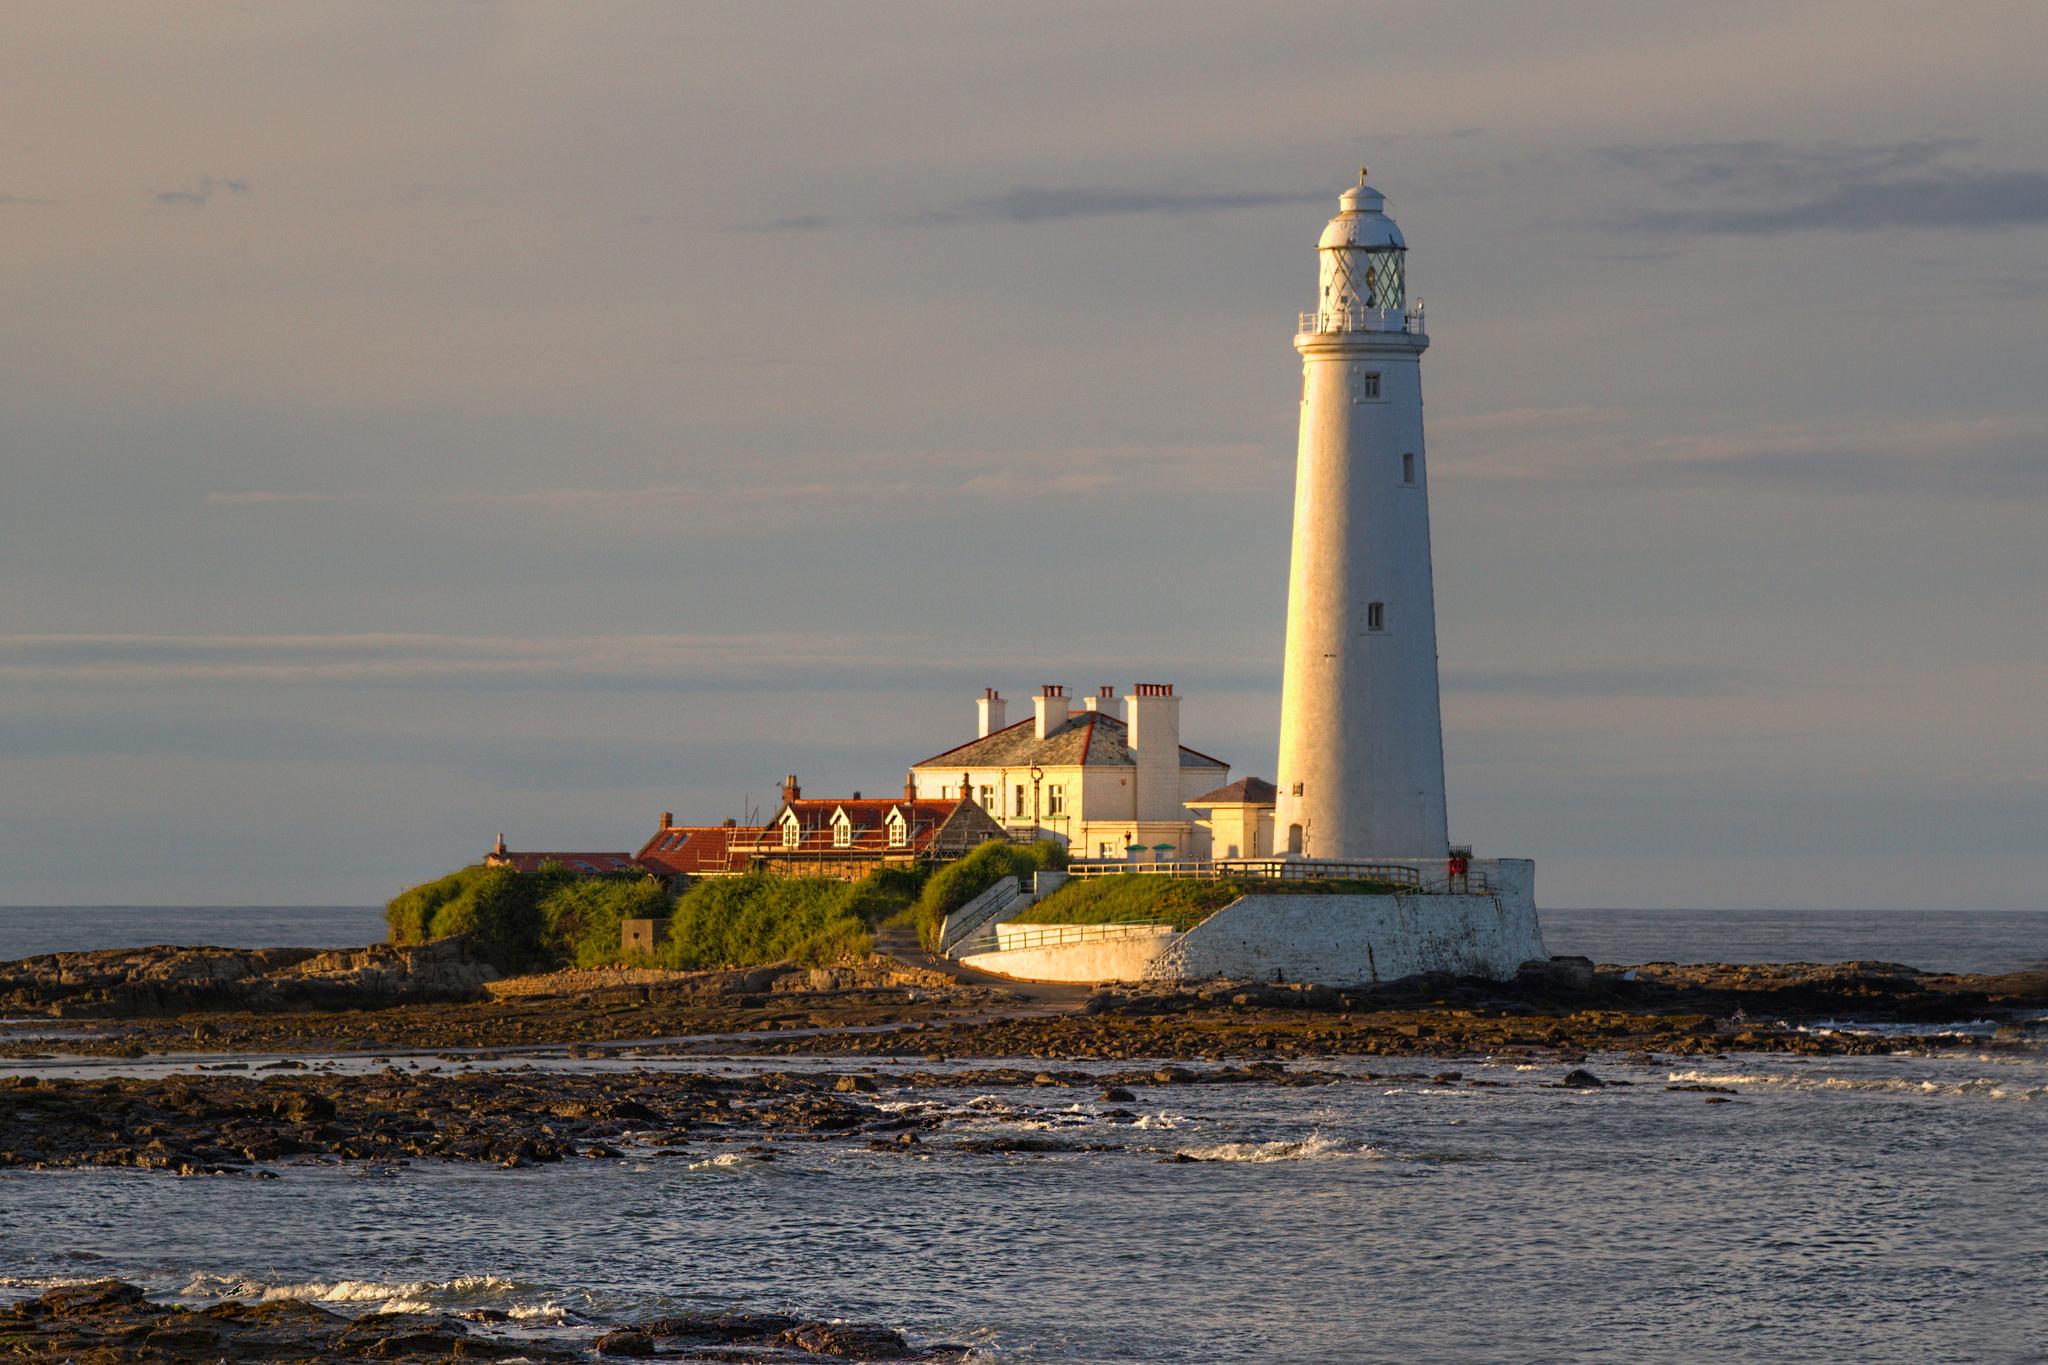 маяк небо море дом  № 3968826 бесплатно